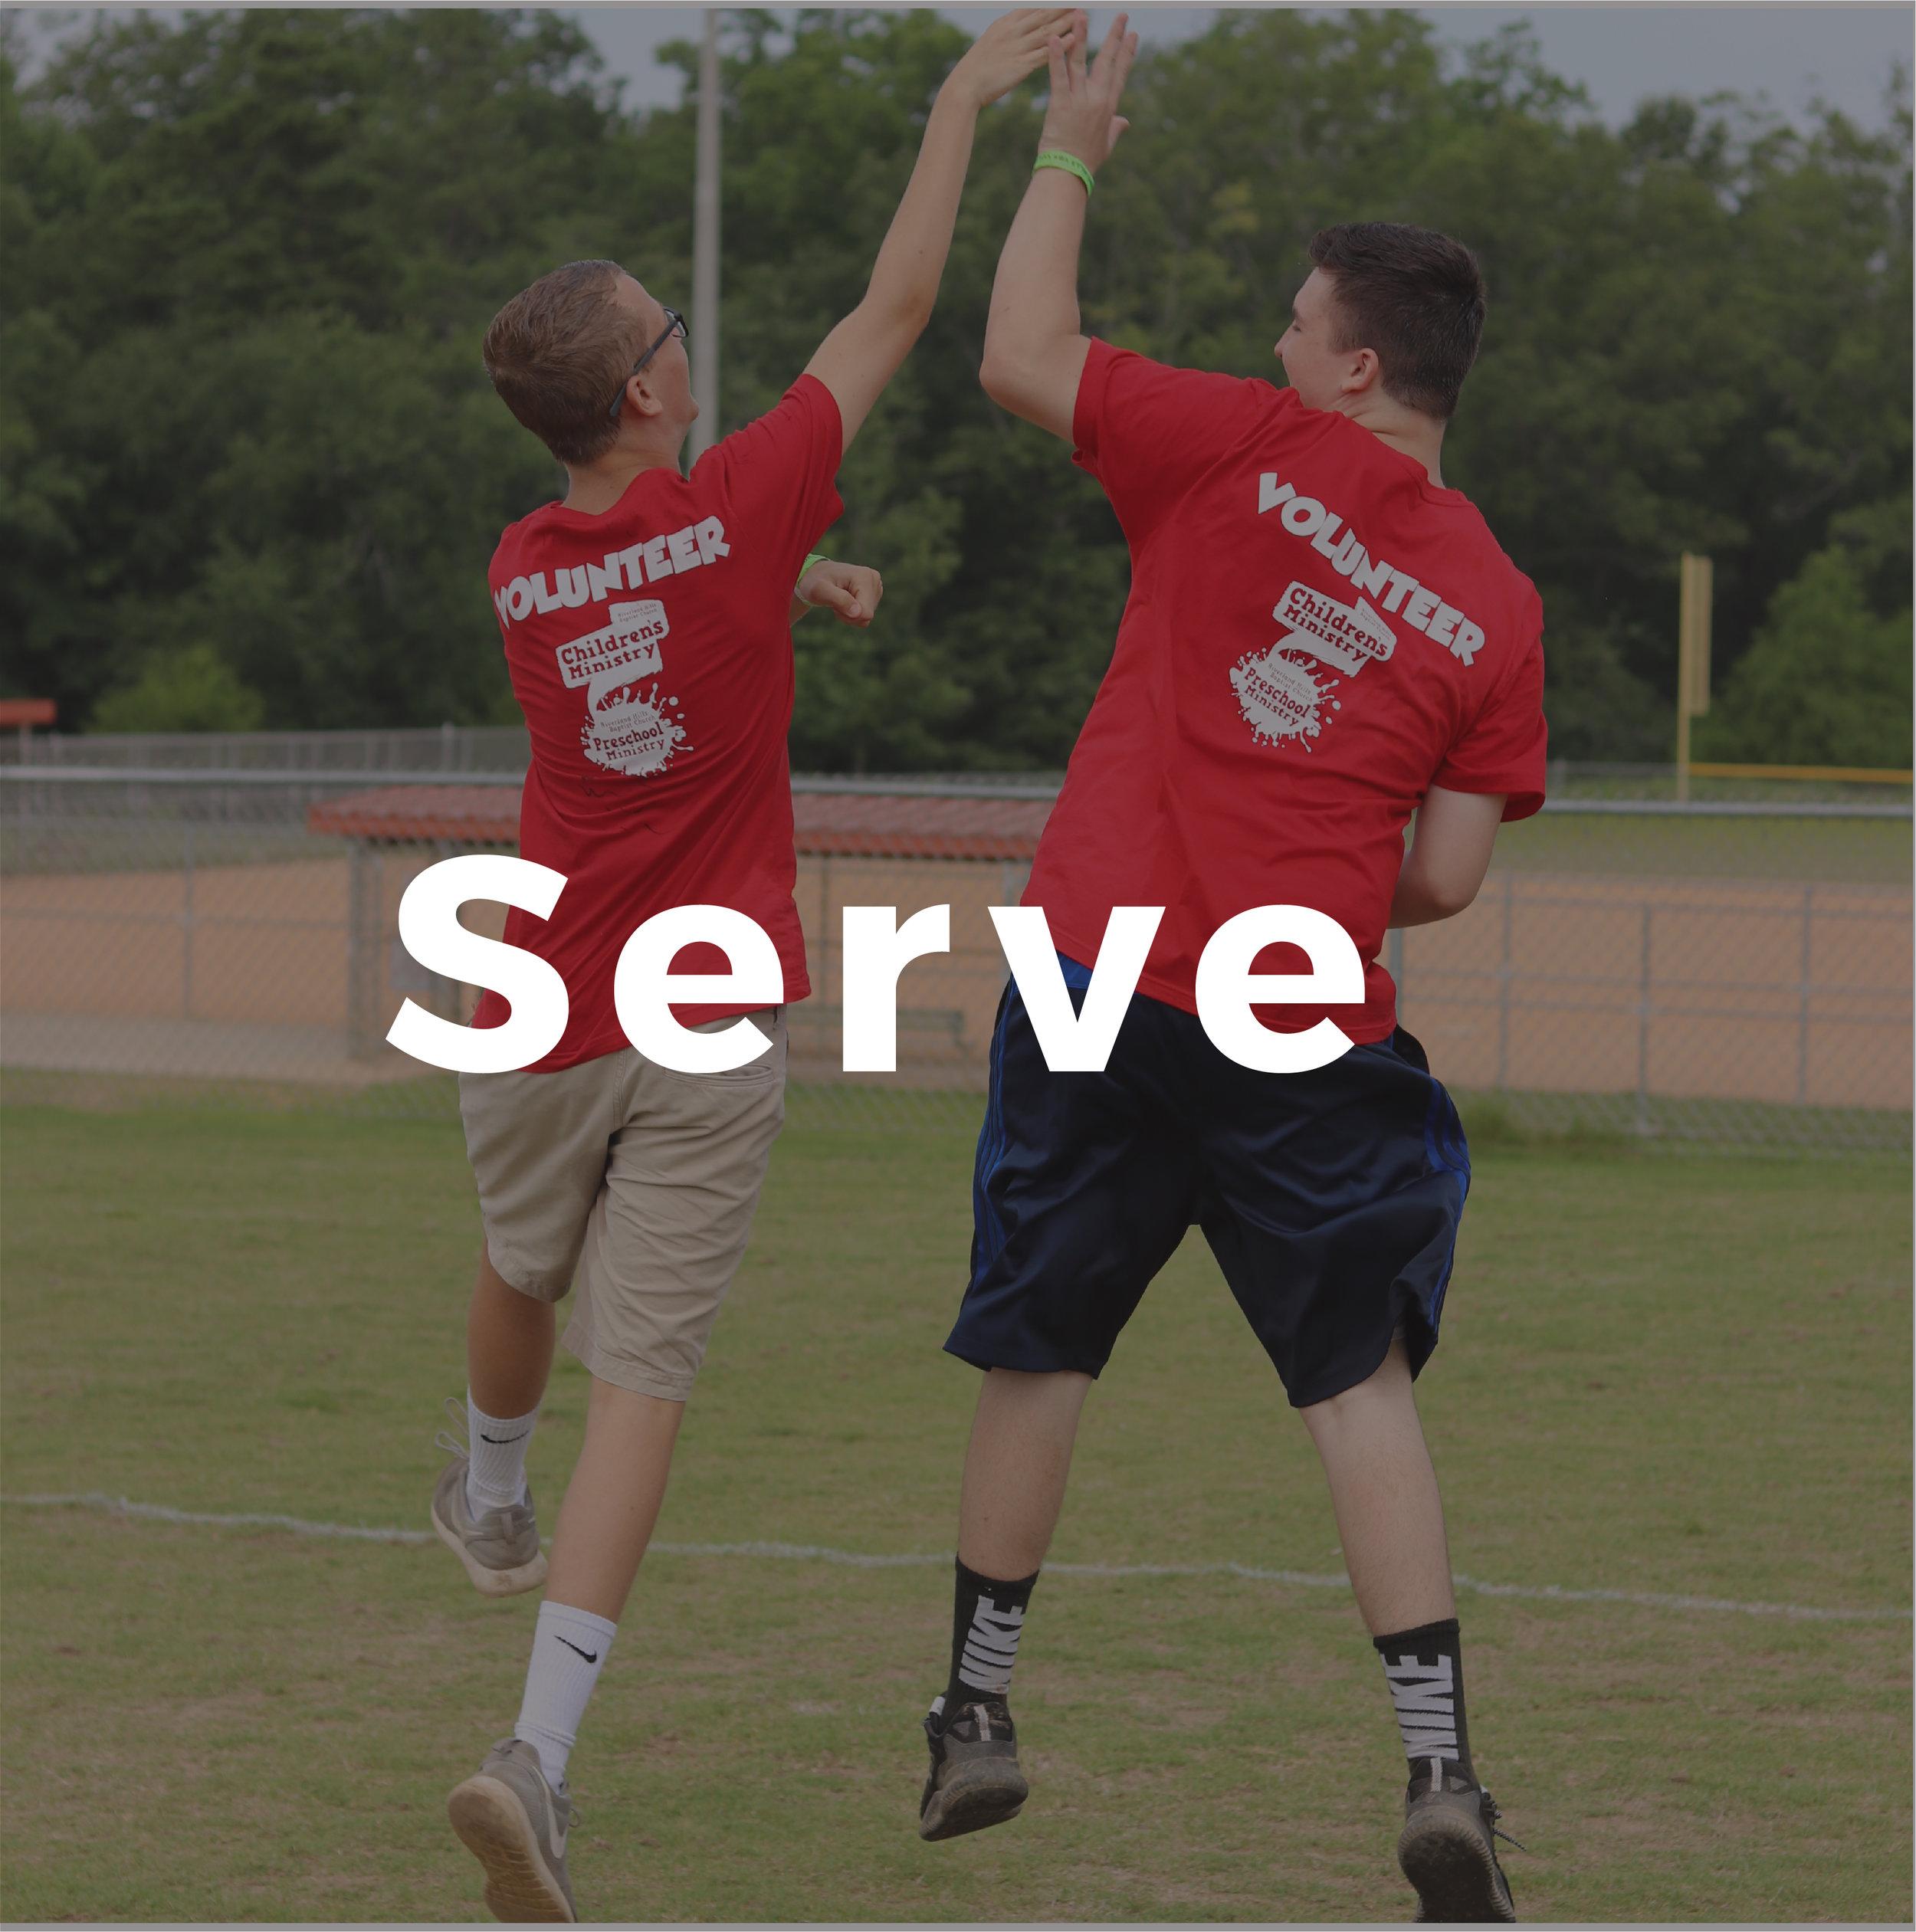 serve@4x-100.jpg